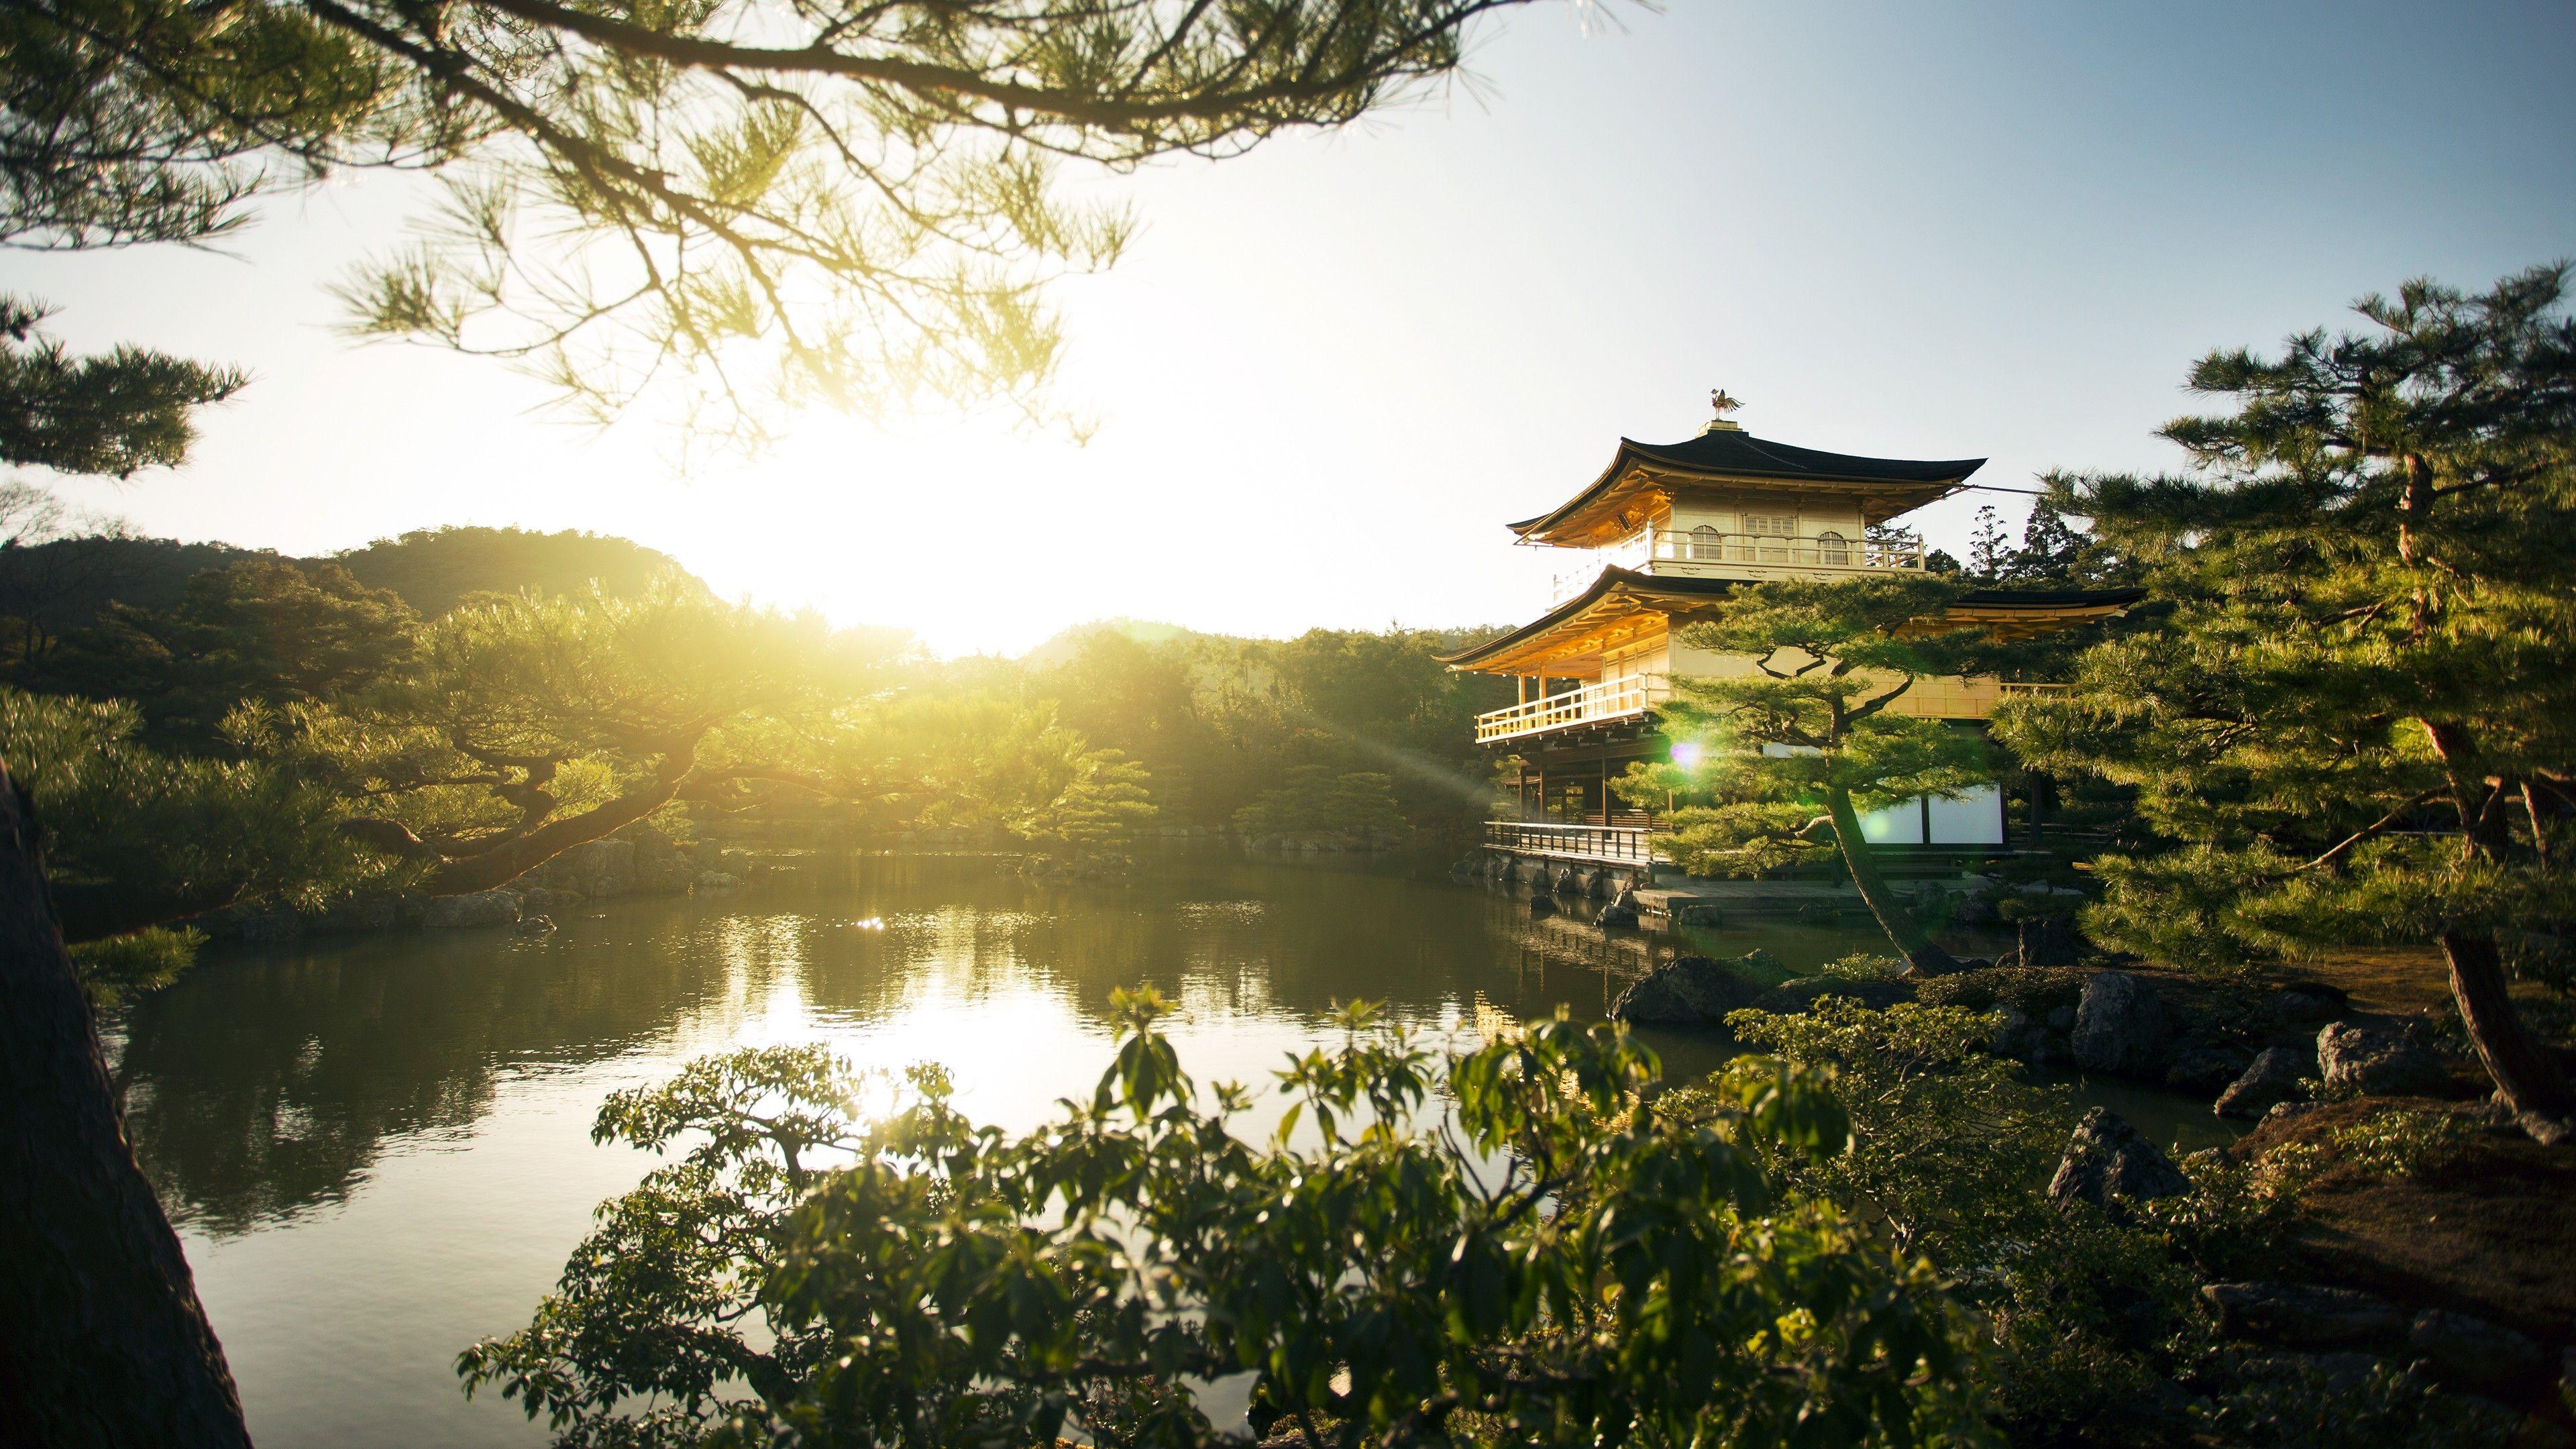 Japan 4k Wallpaper In 2020 World Wallpaper Asian Wallpaper Temple Of The Golden Pavilion